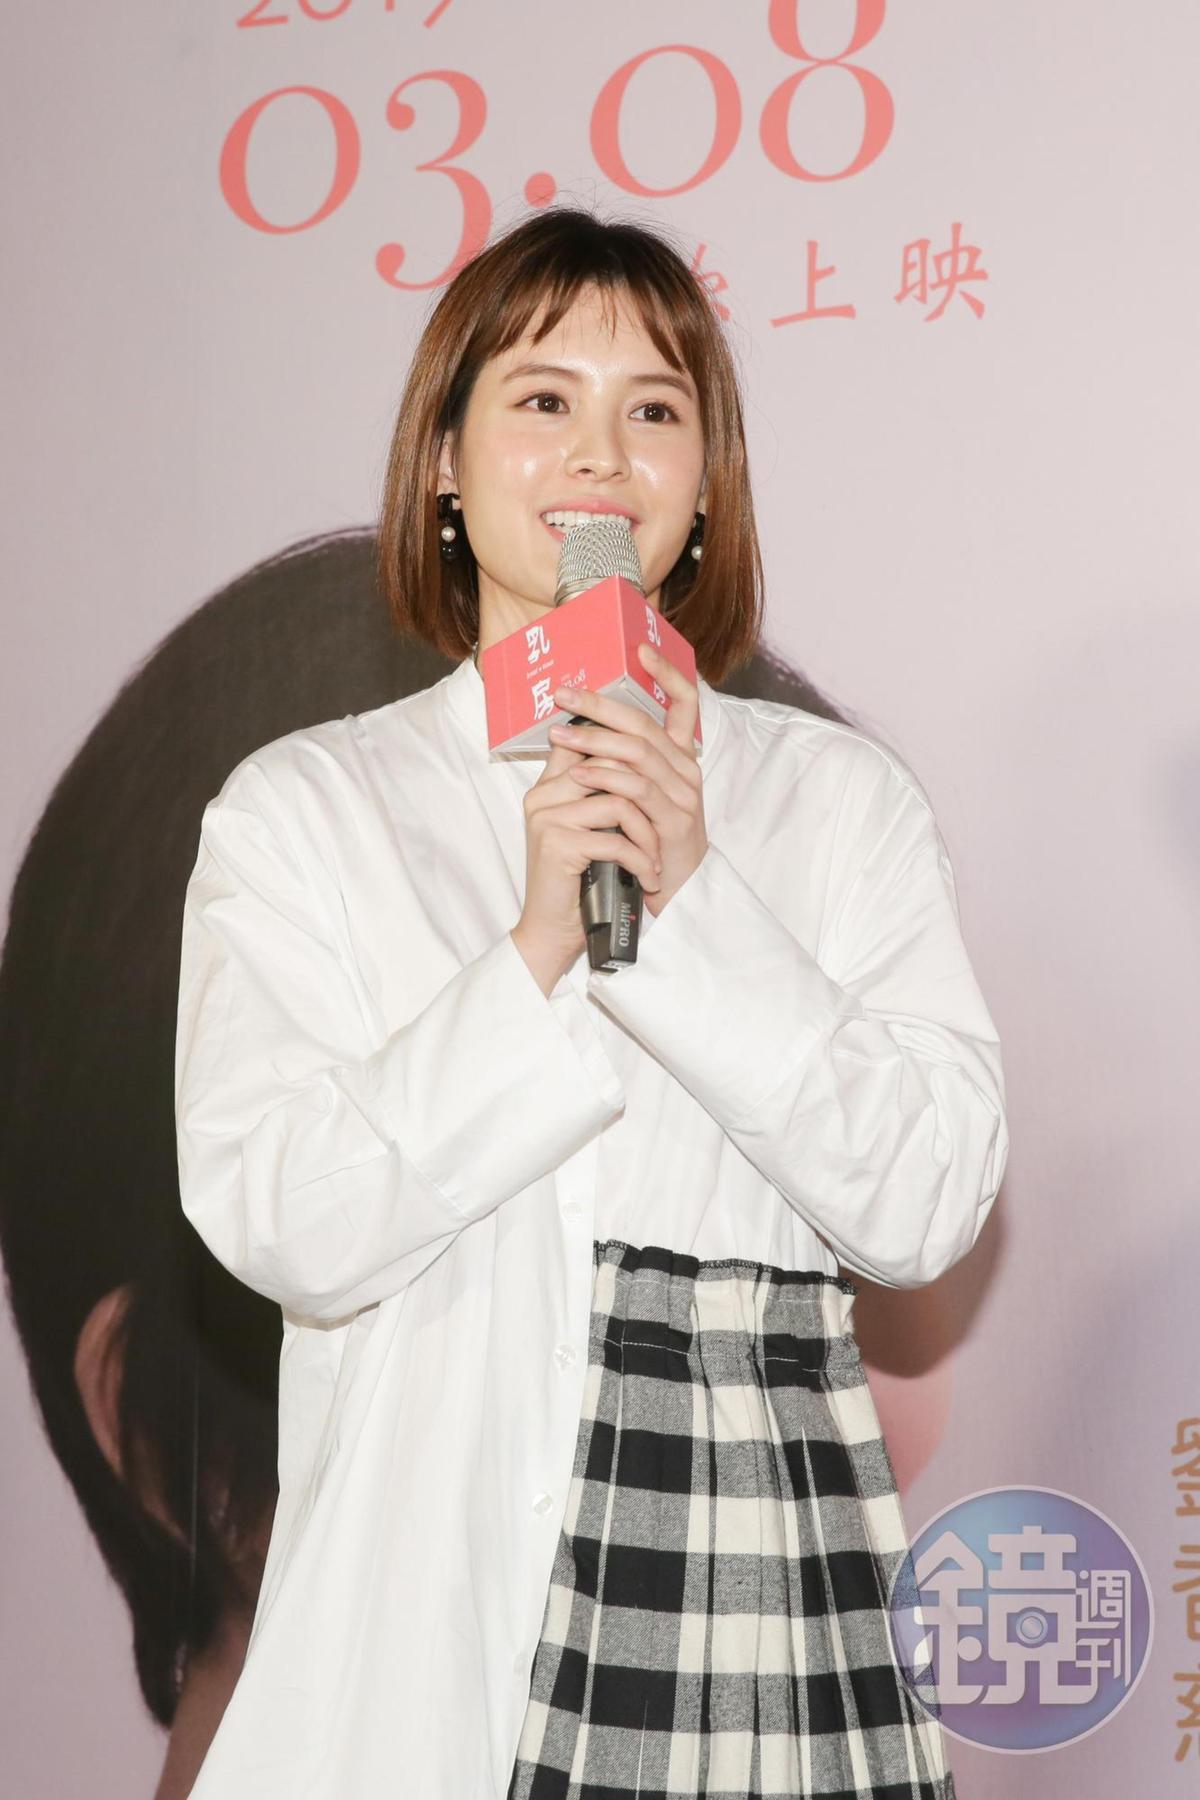 新人林酉芯飾演謝毅宏的前女友,因為現實考量甩了謝毅宏。